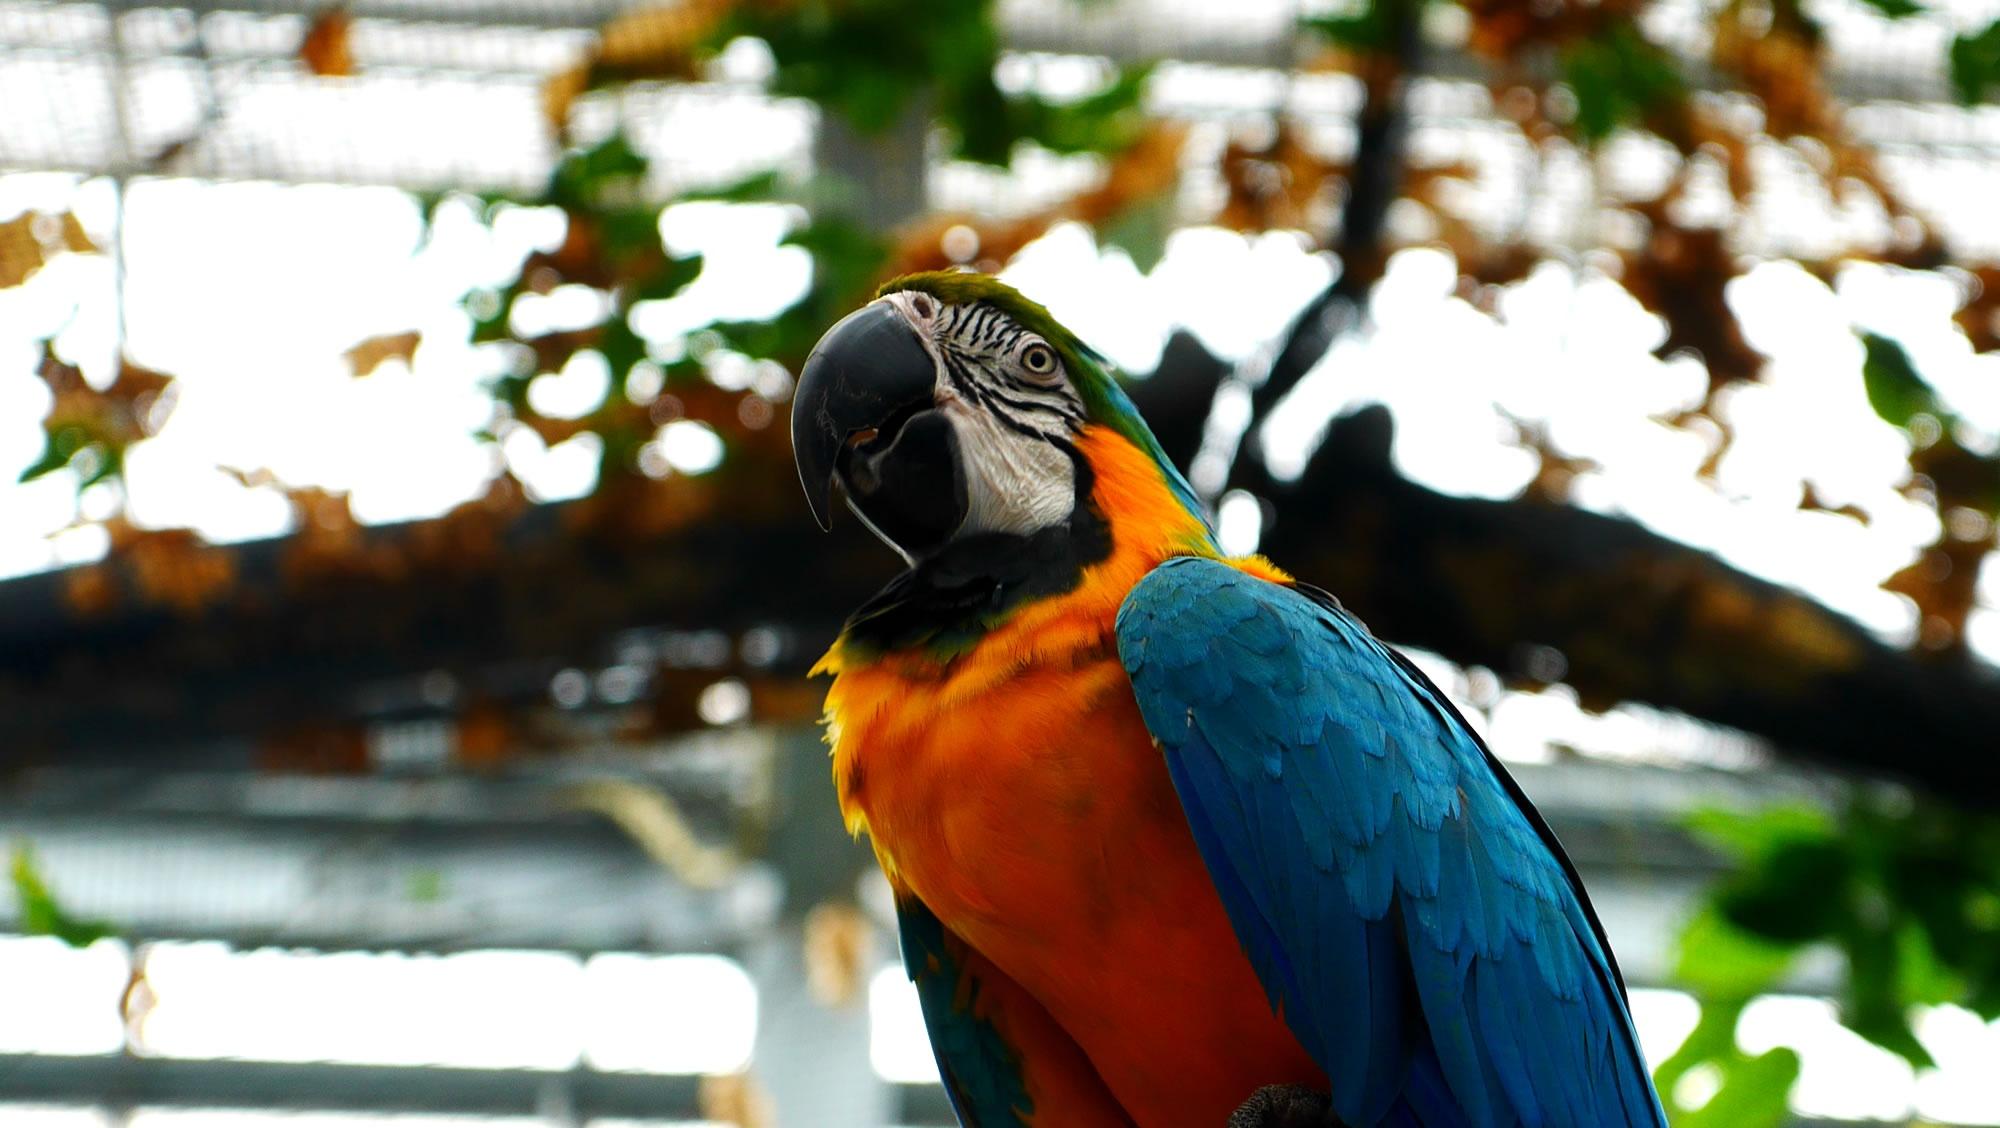 ルリコンゴウインコ(Blue-and-yellow Macaw)